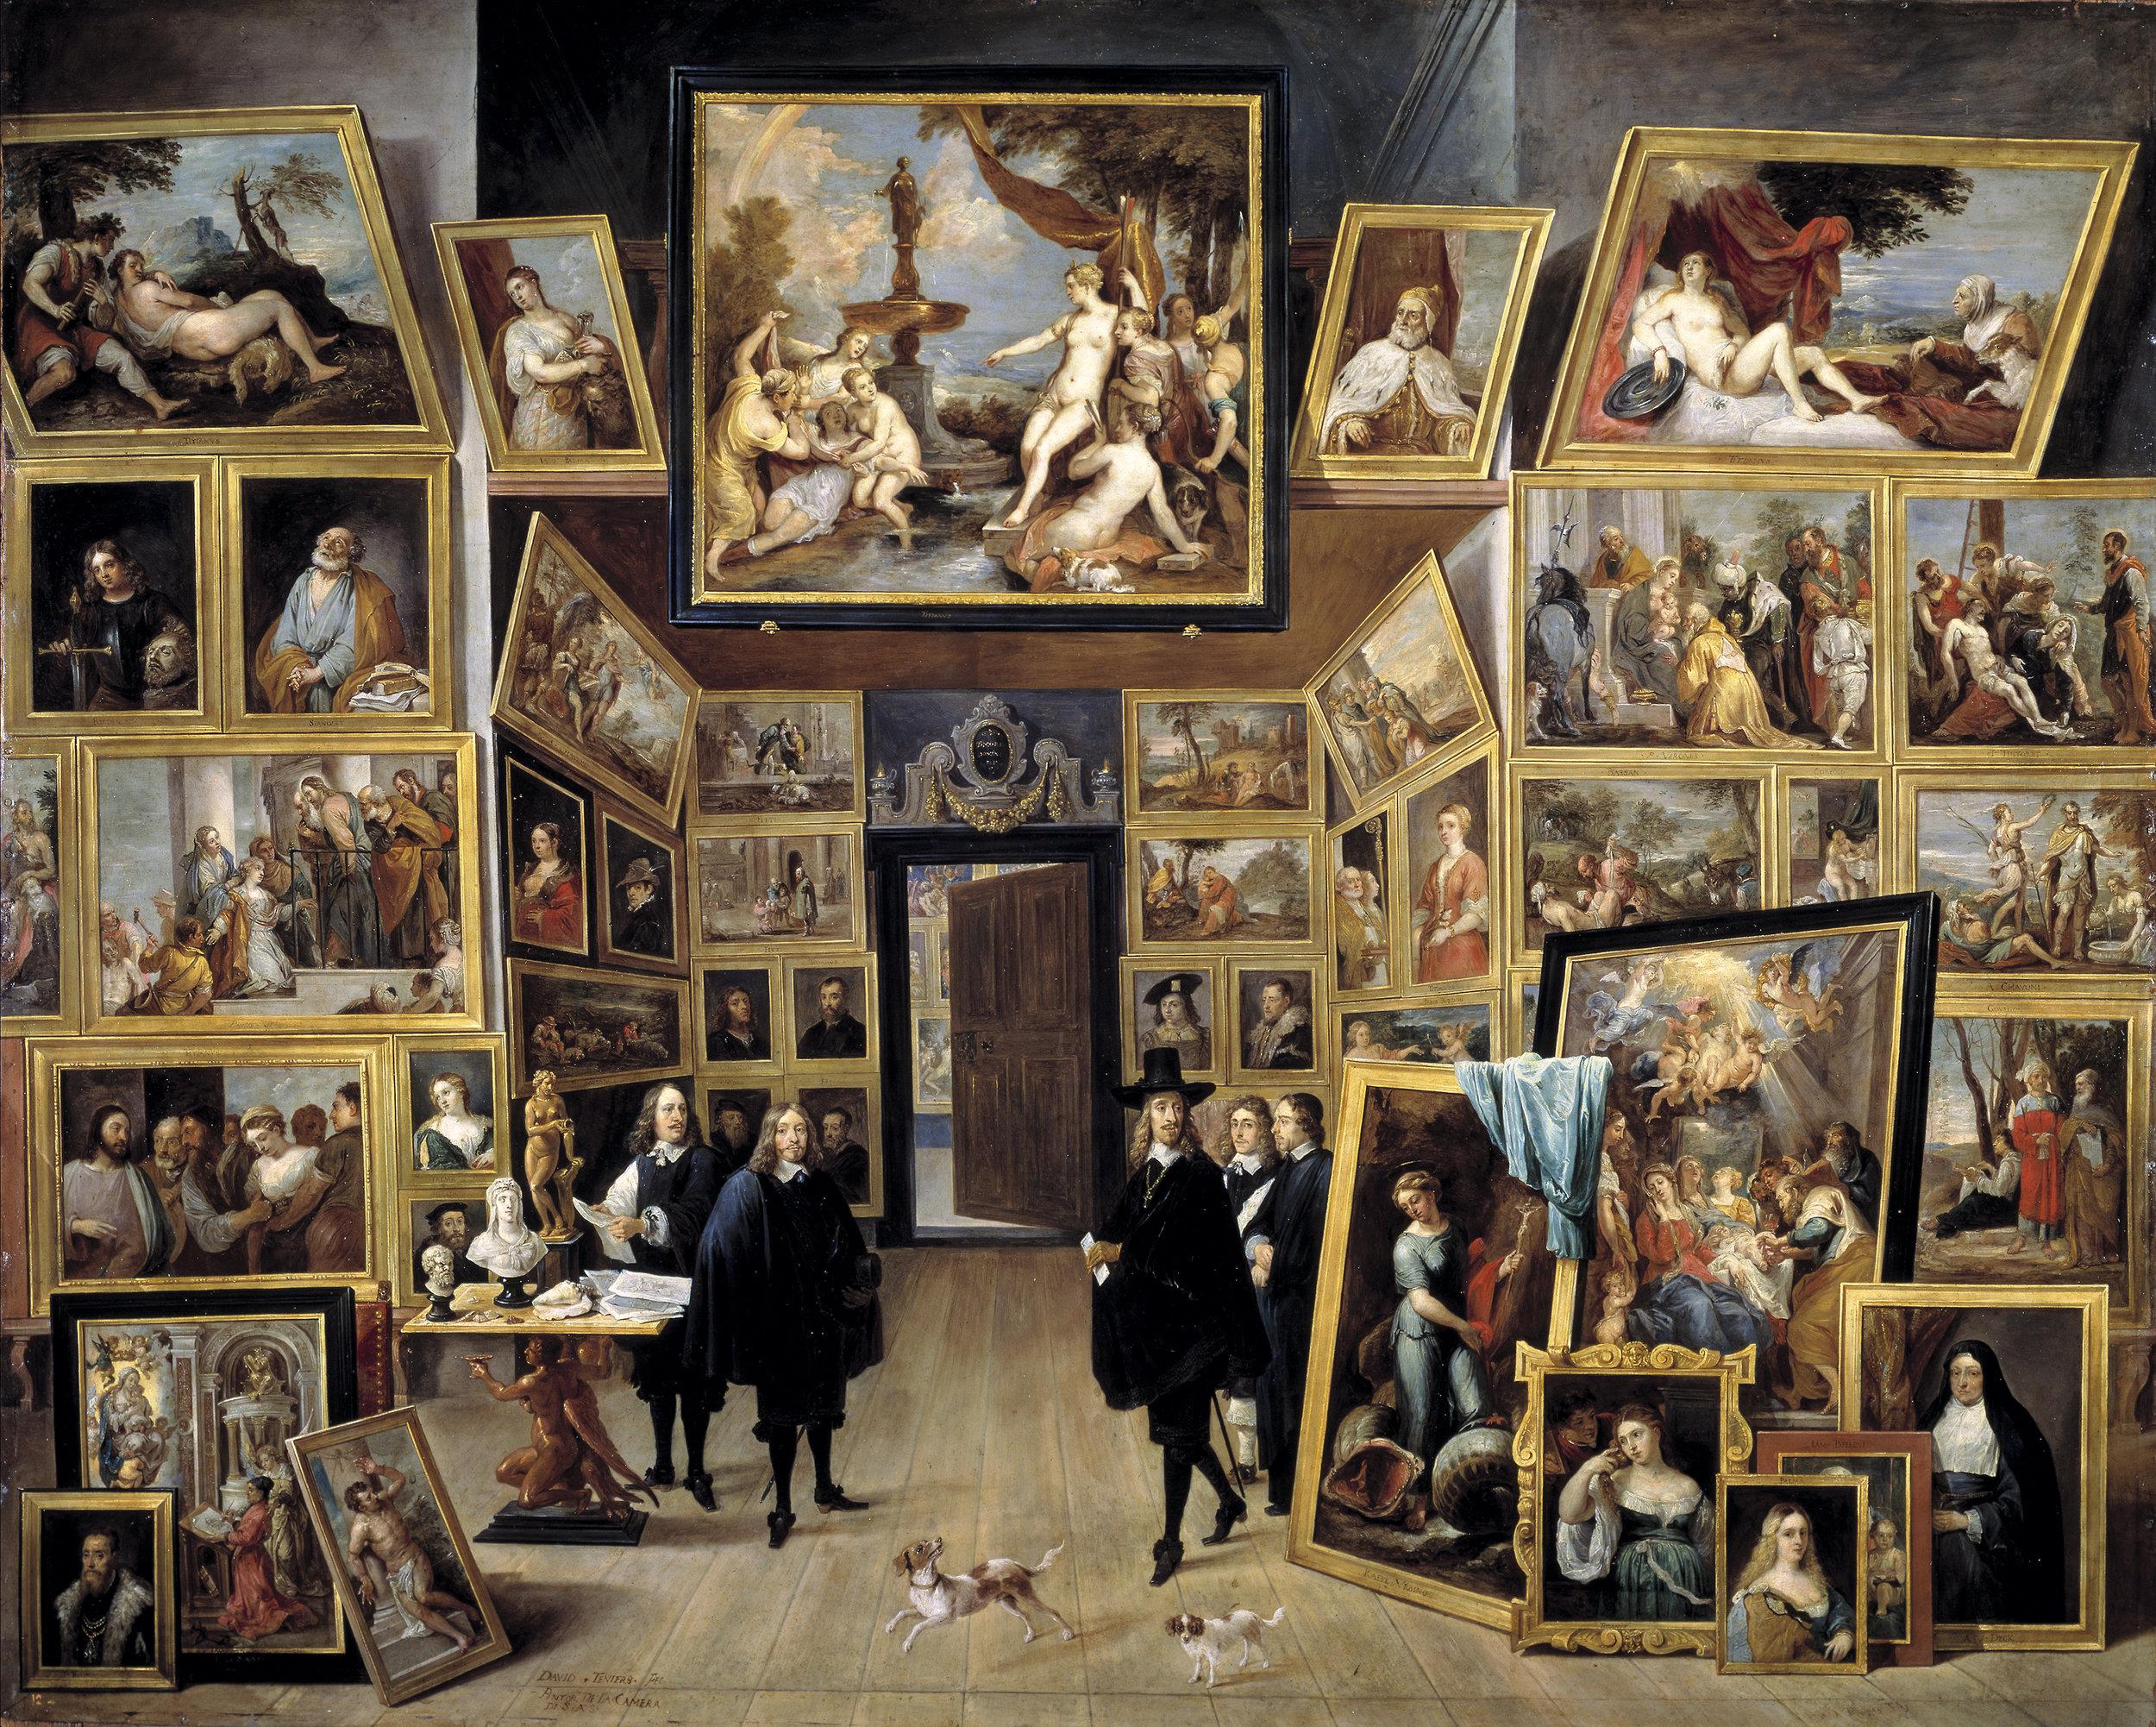 O arquiduque Leopoldo Guilherme da Áustria na sua galeria. Pintura de David Teniers, 1650.